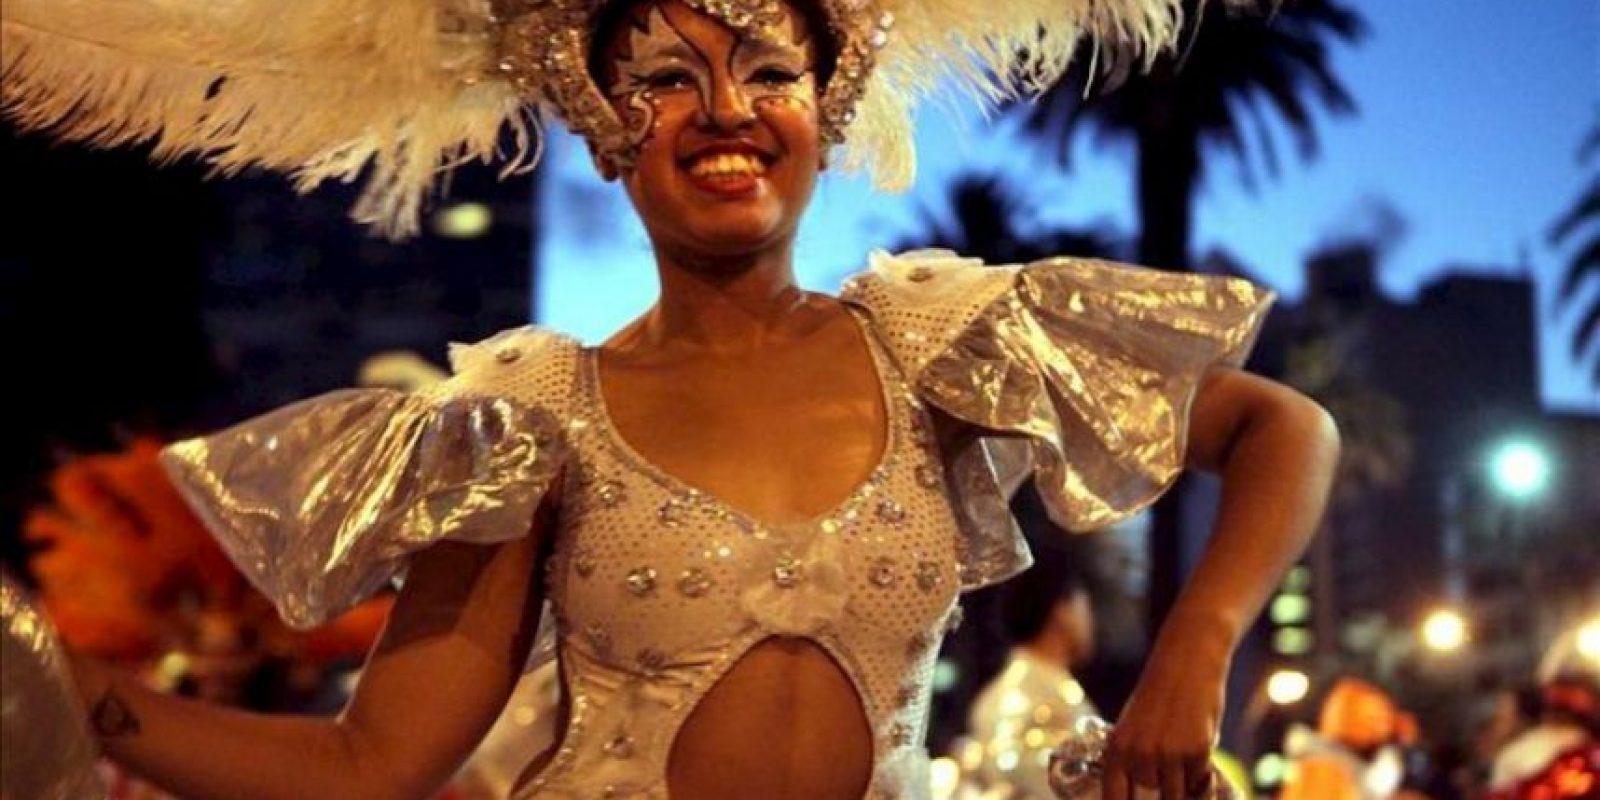 Integrantes de un conjunto carnavalero participan durante el desfile inaugural del carnaval uruguayo, en Montevideo. El Carnaval, la fiesta popular más importante del calendario uruguayo, regresó para adueñarse del país durante los próximos 40 días con su tradicional y multitudinario desfile de comparsas por la principal avenida de Montevideo. EFE